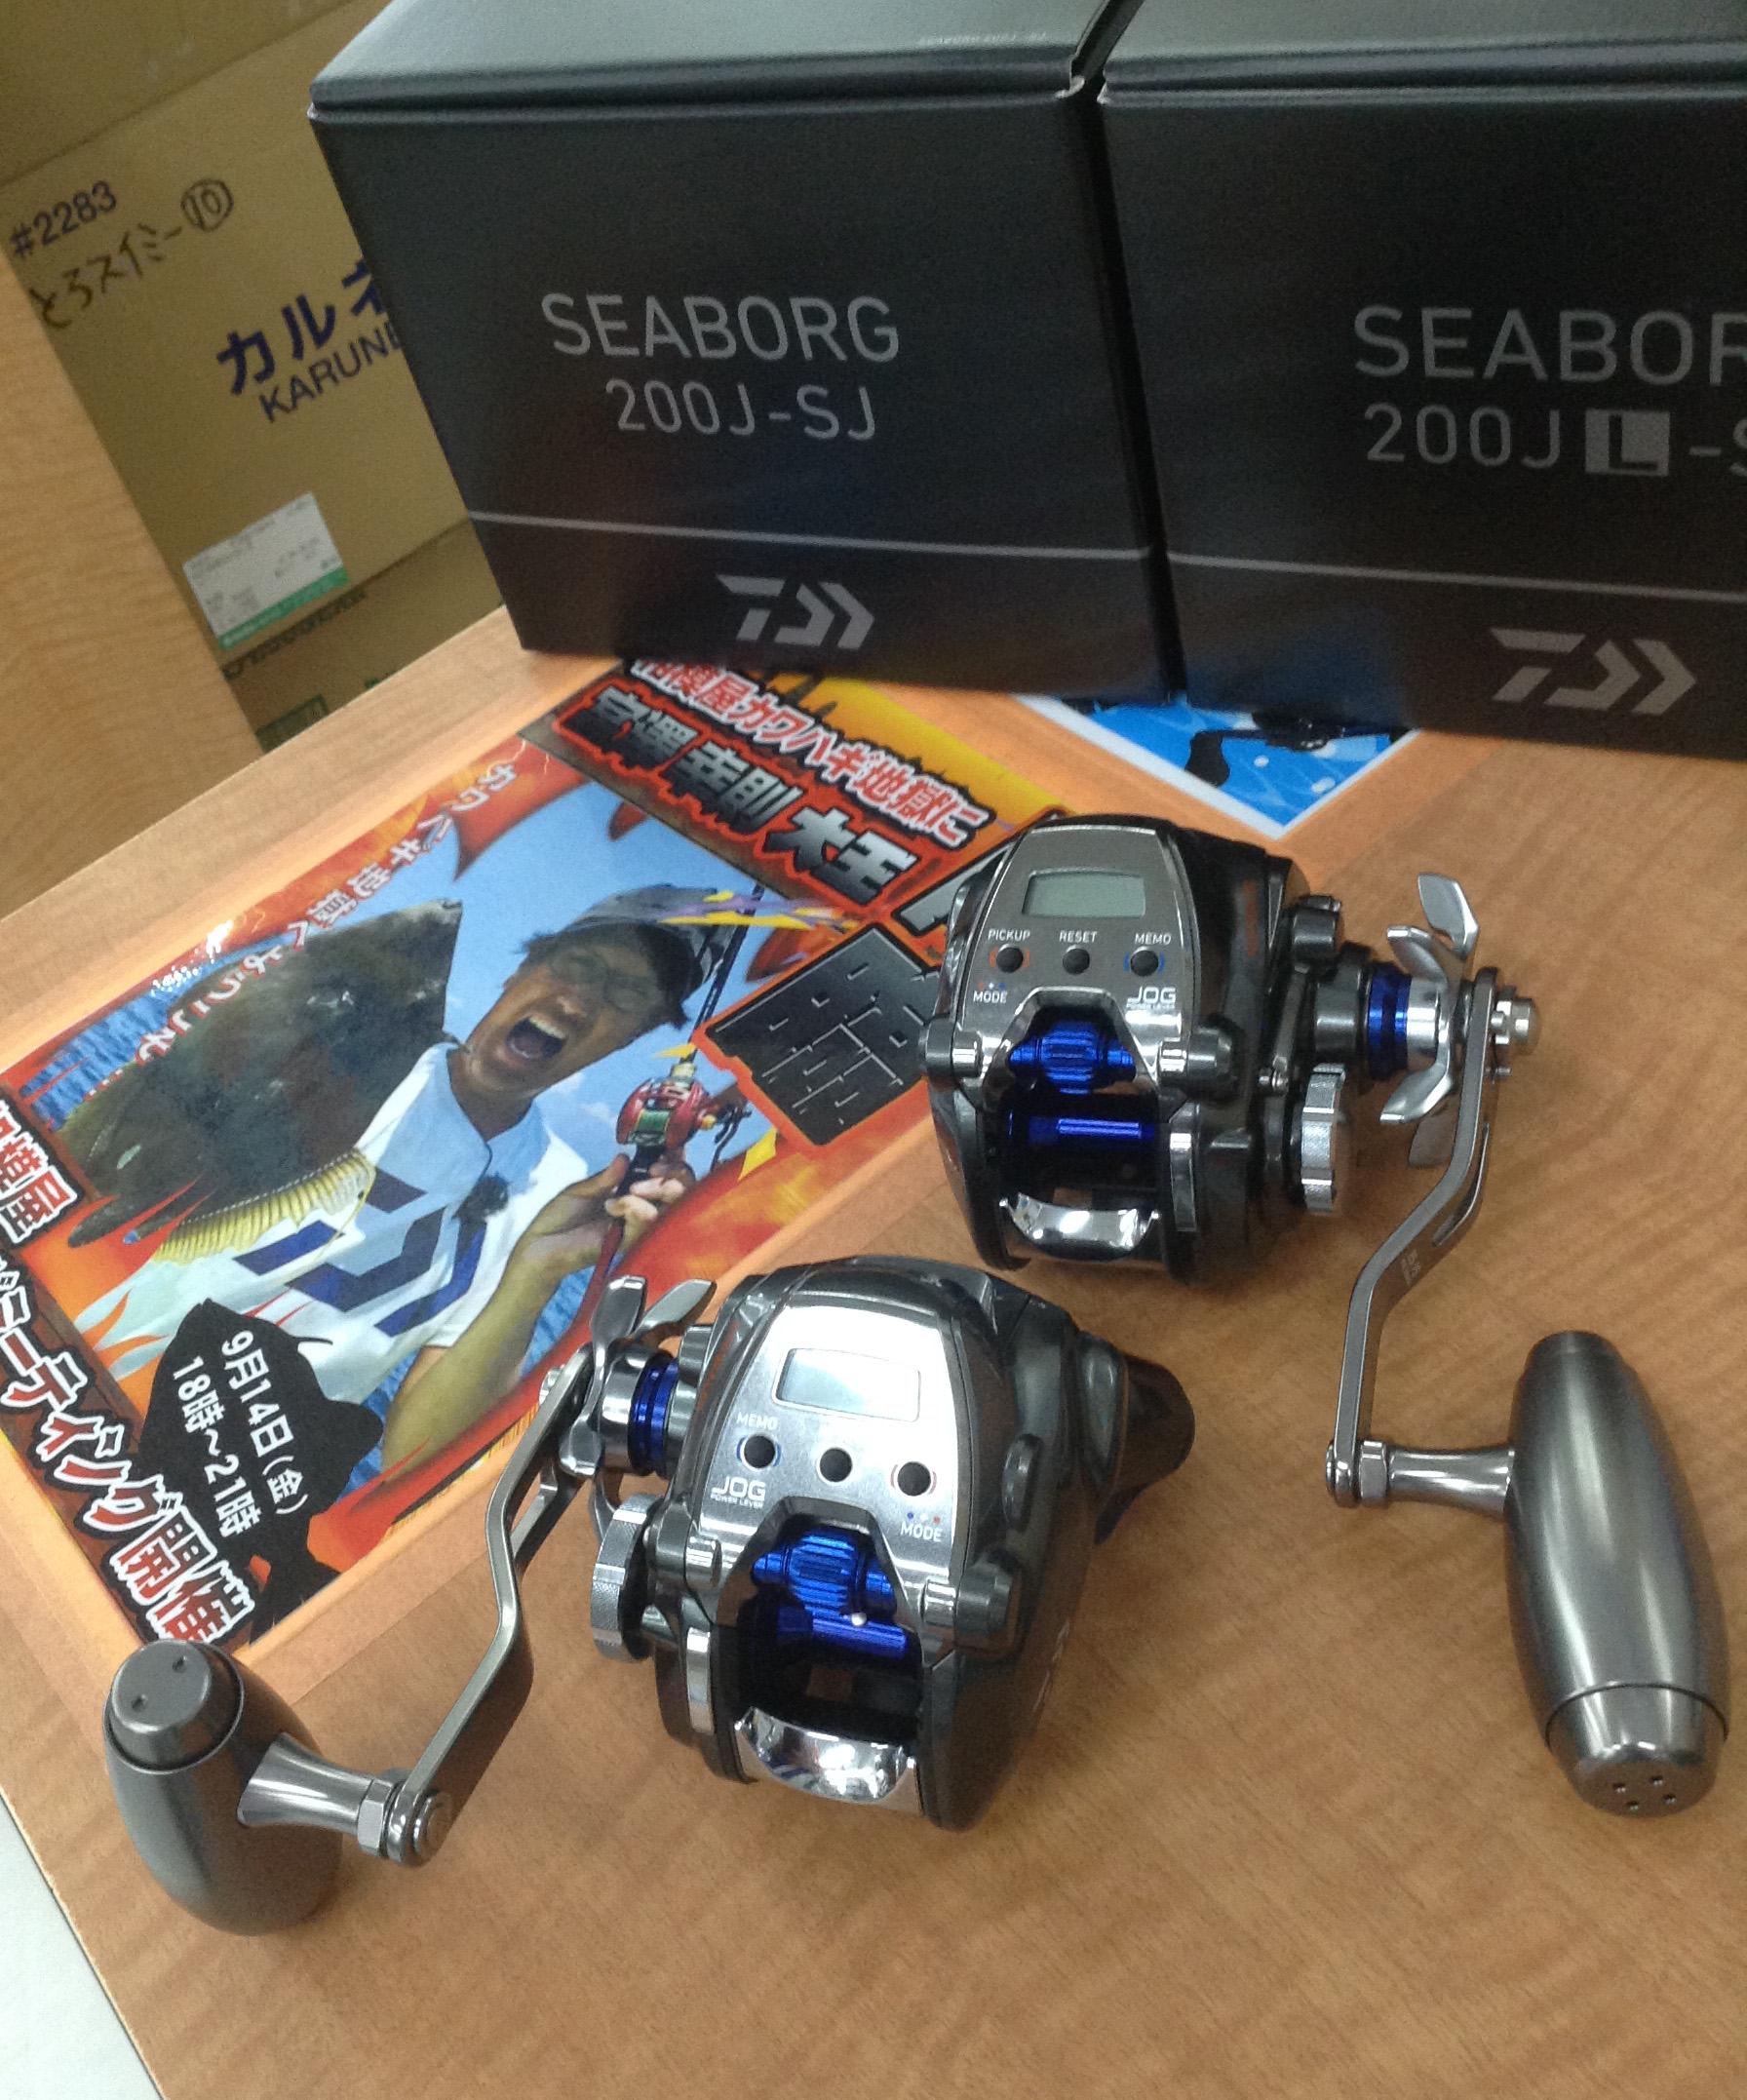 新製品入荷!電動スロージギング専用モデル!ダイワ『シーボーグ200J-SJ・200JL-SJ』